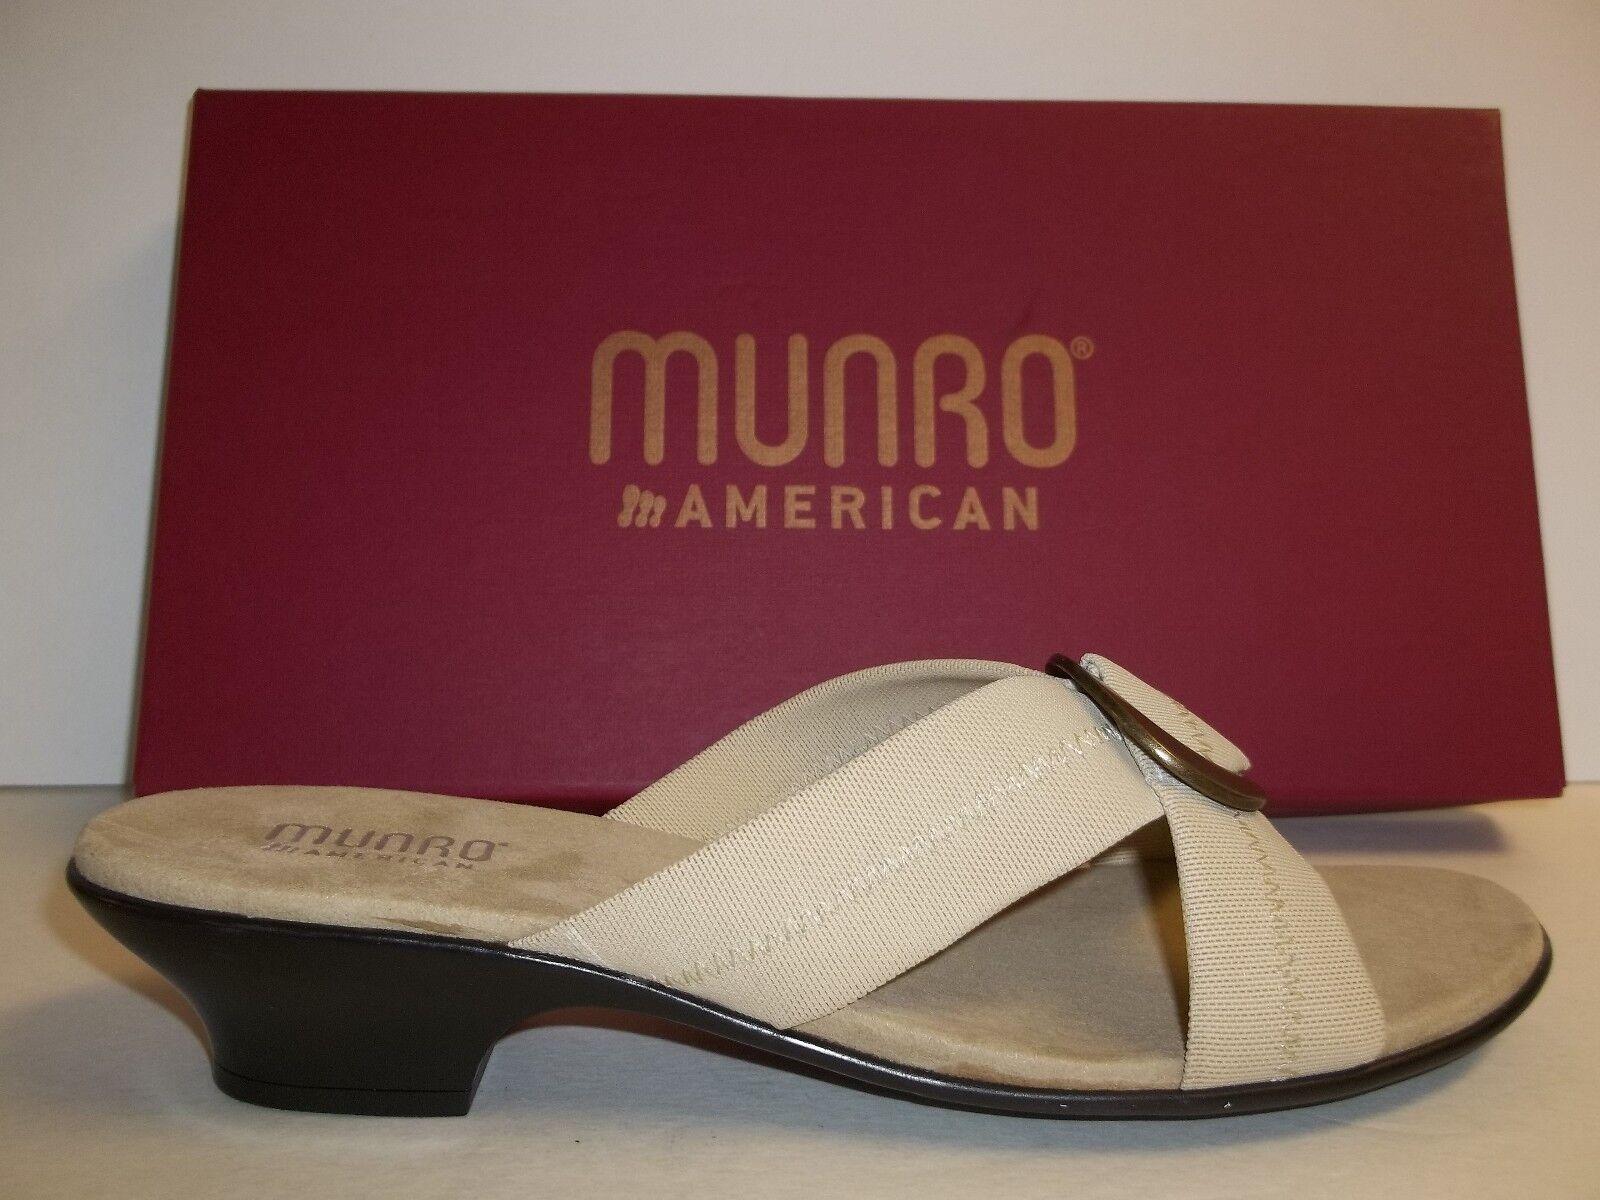 Munro American Größe 7 M Jamie Beige Stretch Fabric Sandales NEU Damenschuhe Schuhes